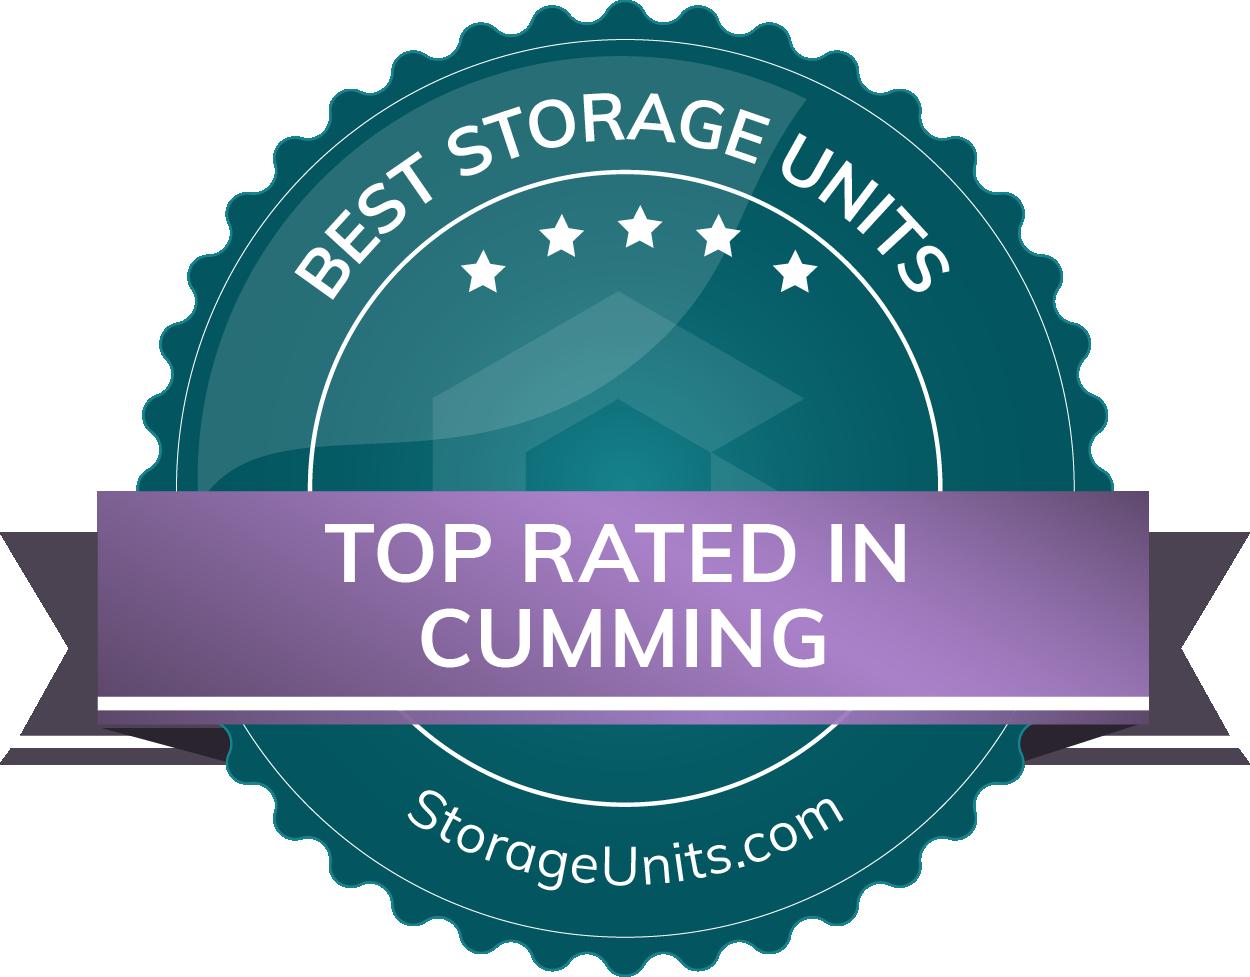 Best Self Storage Units in Cumming, GA